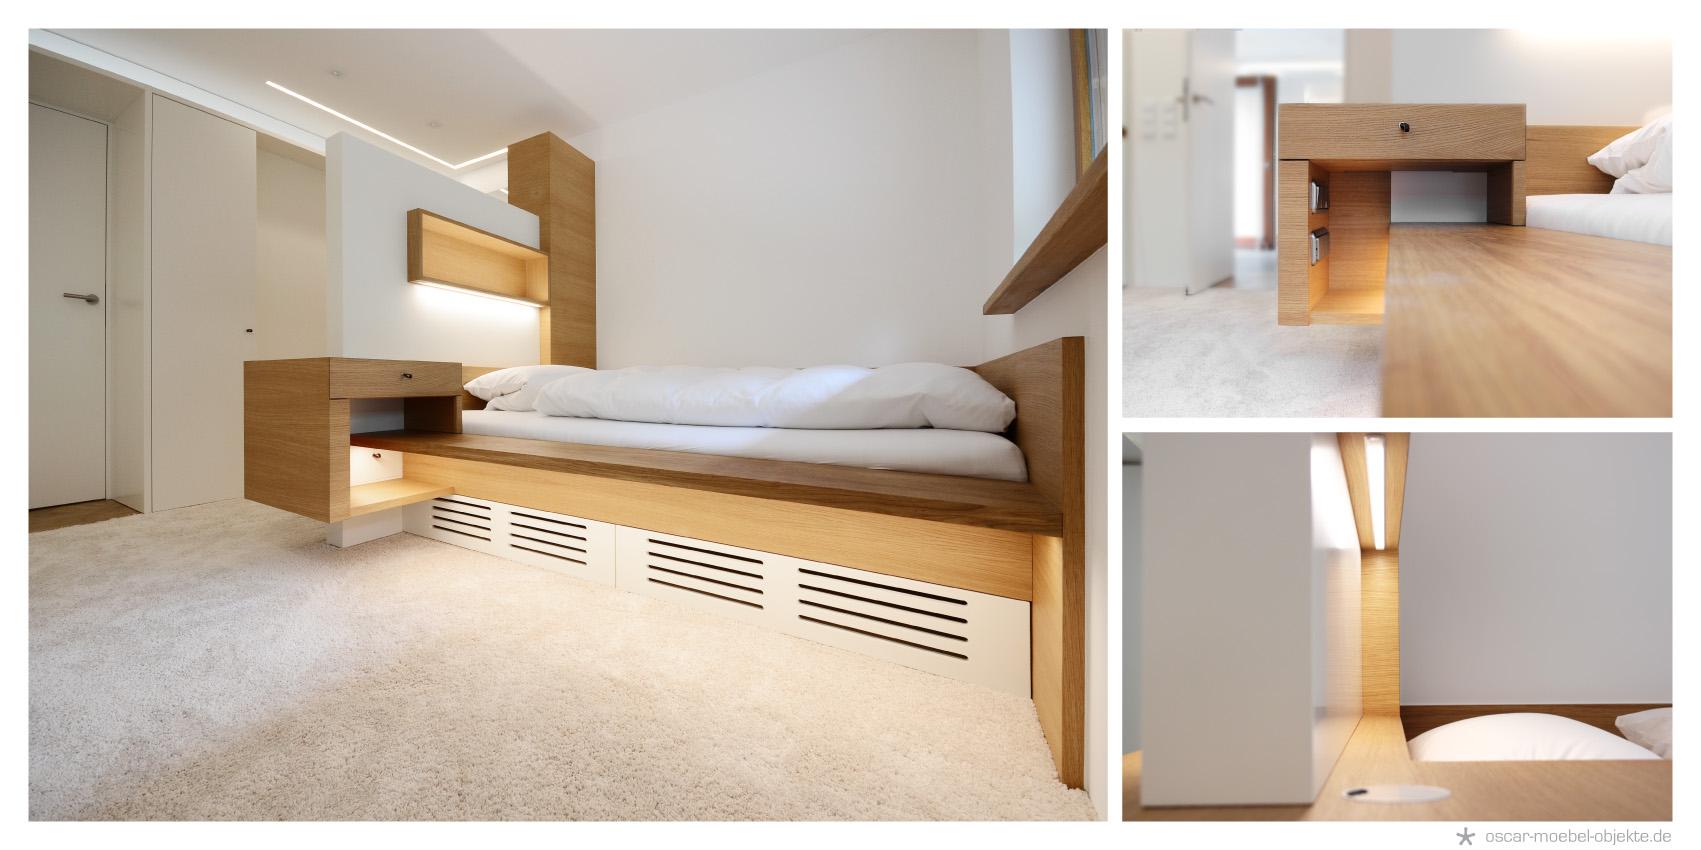 alle kategorien oscar m bel objekte. Black Bedroom Furniture Sets. Home Design Ideas